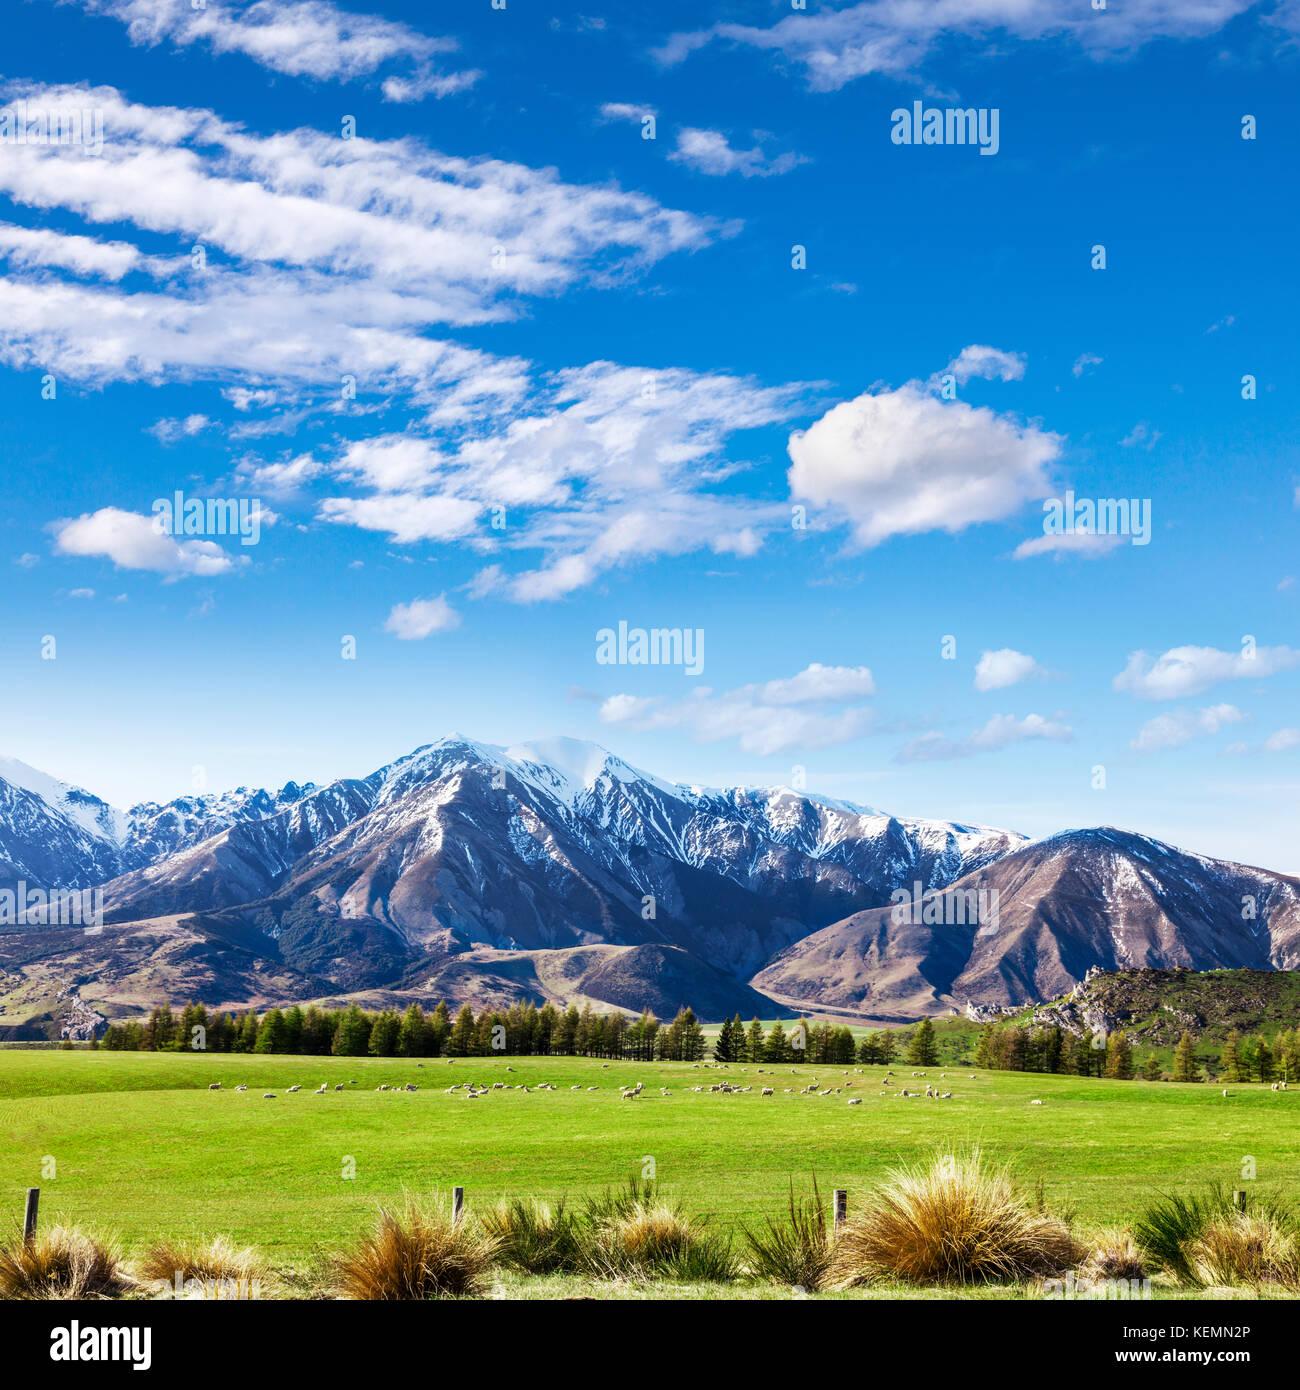 Canterbury Neuseeland Landschaft, mit Tussock, Weide, Schafe, Berge und blauer Himmel. Stockfoto